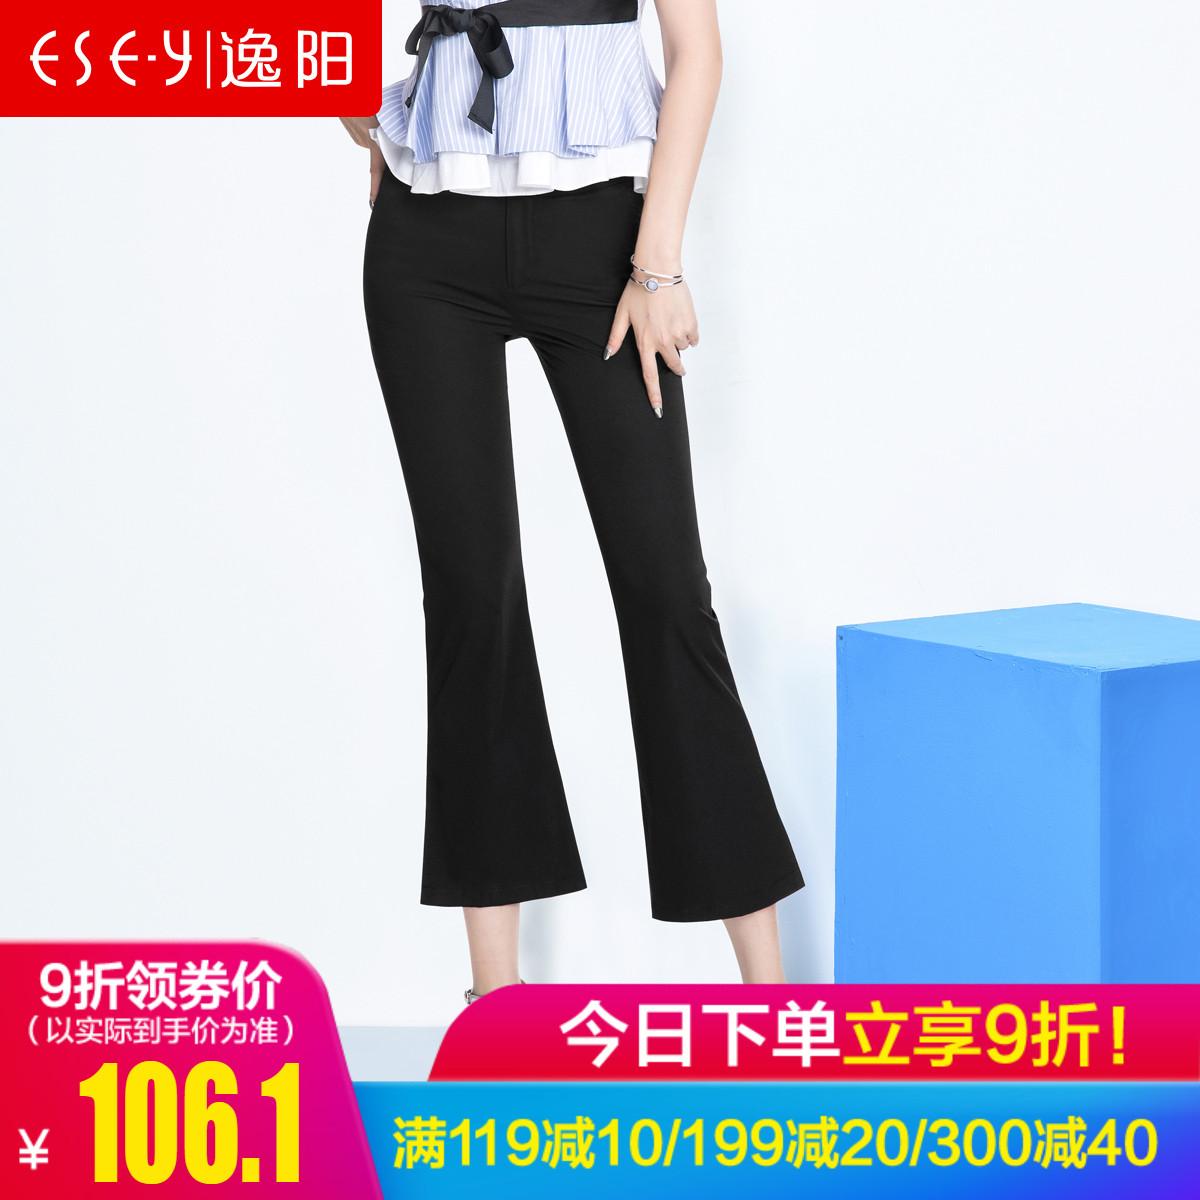 逸阳女裤2019夏款休闲微喇裤九分弹力舒适修身八分喇叭裤子0157